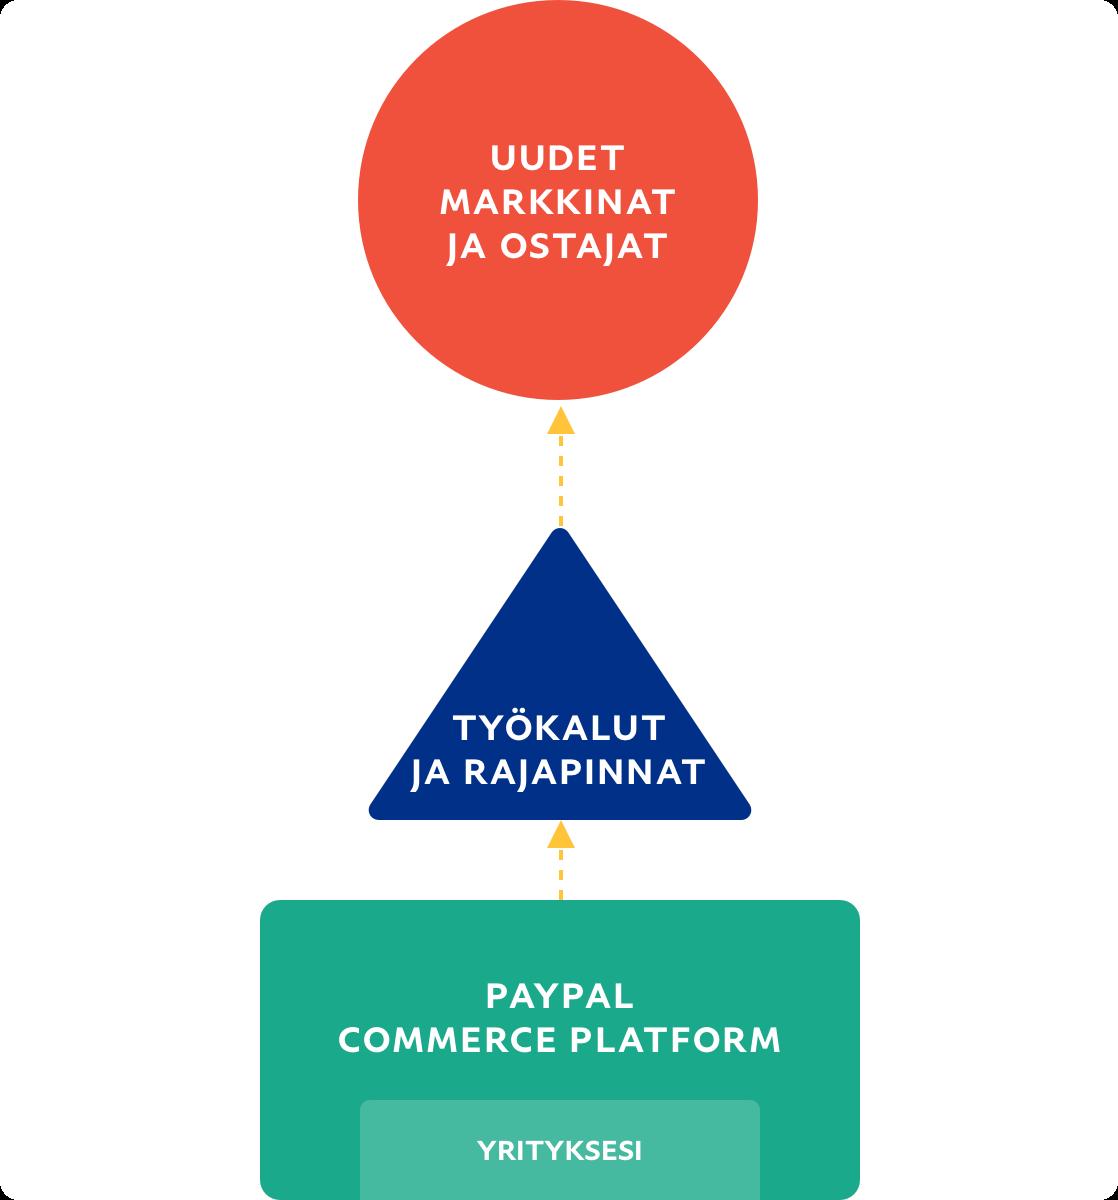 Vuokaavio, joka kuvaa virtausta yrityksestä uusille markkina-alueille ja ostajille.